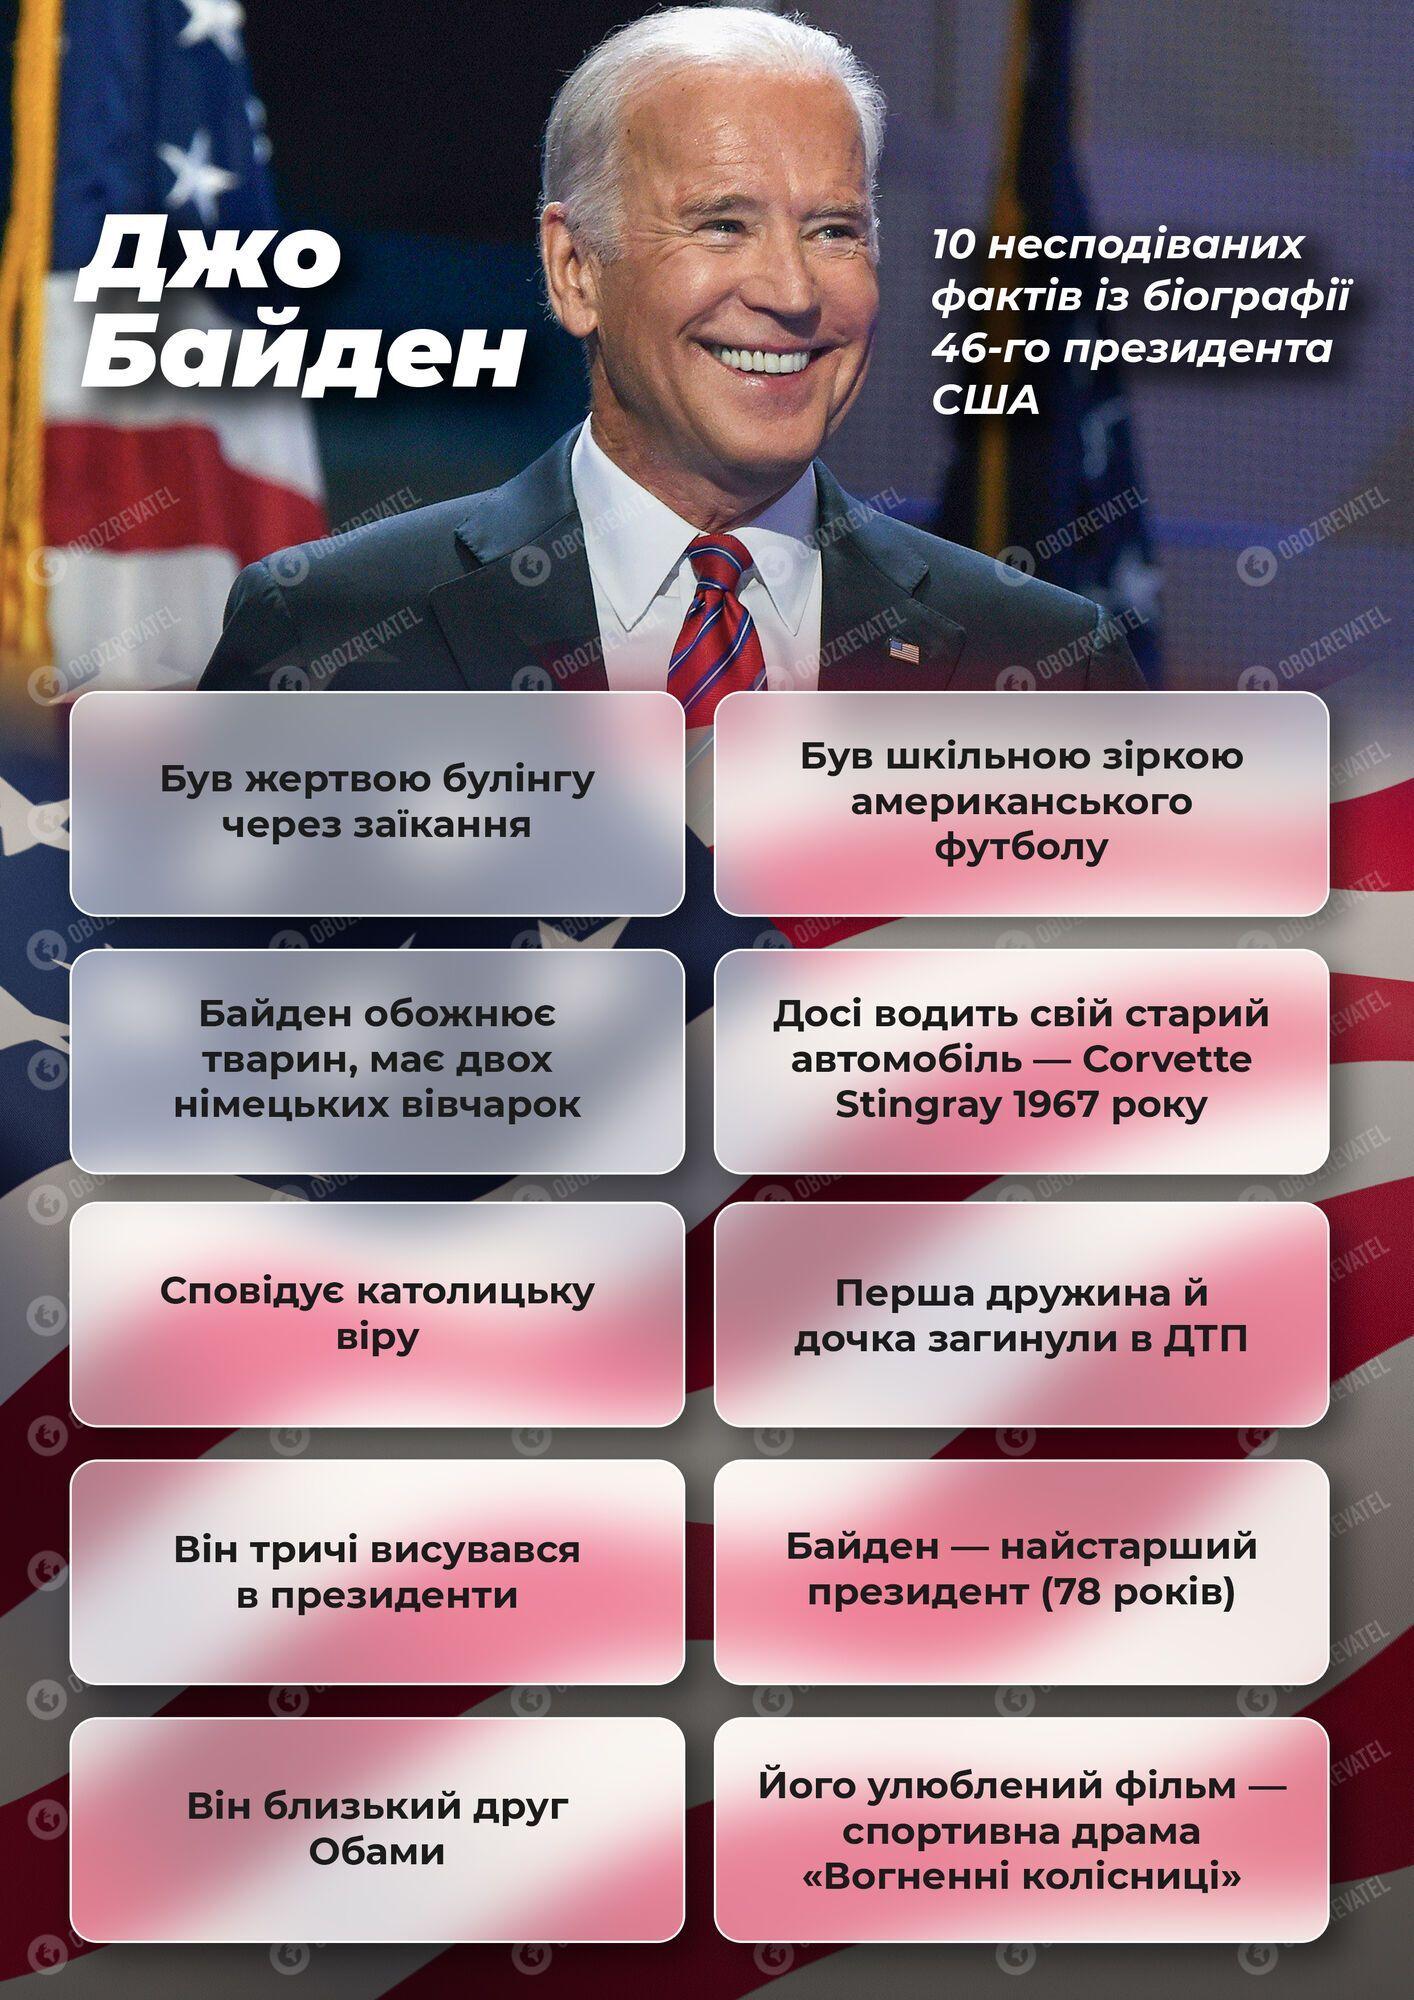 10 несподіваних фактів з біографії 46-го президента США Джо Байдена.